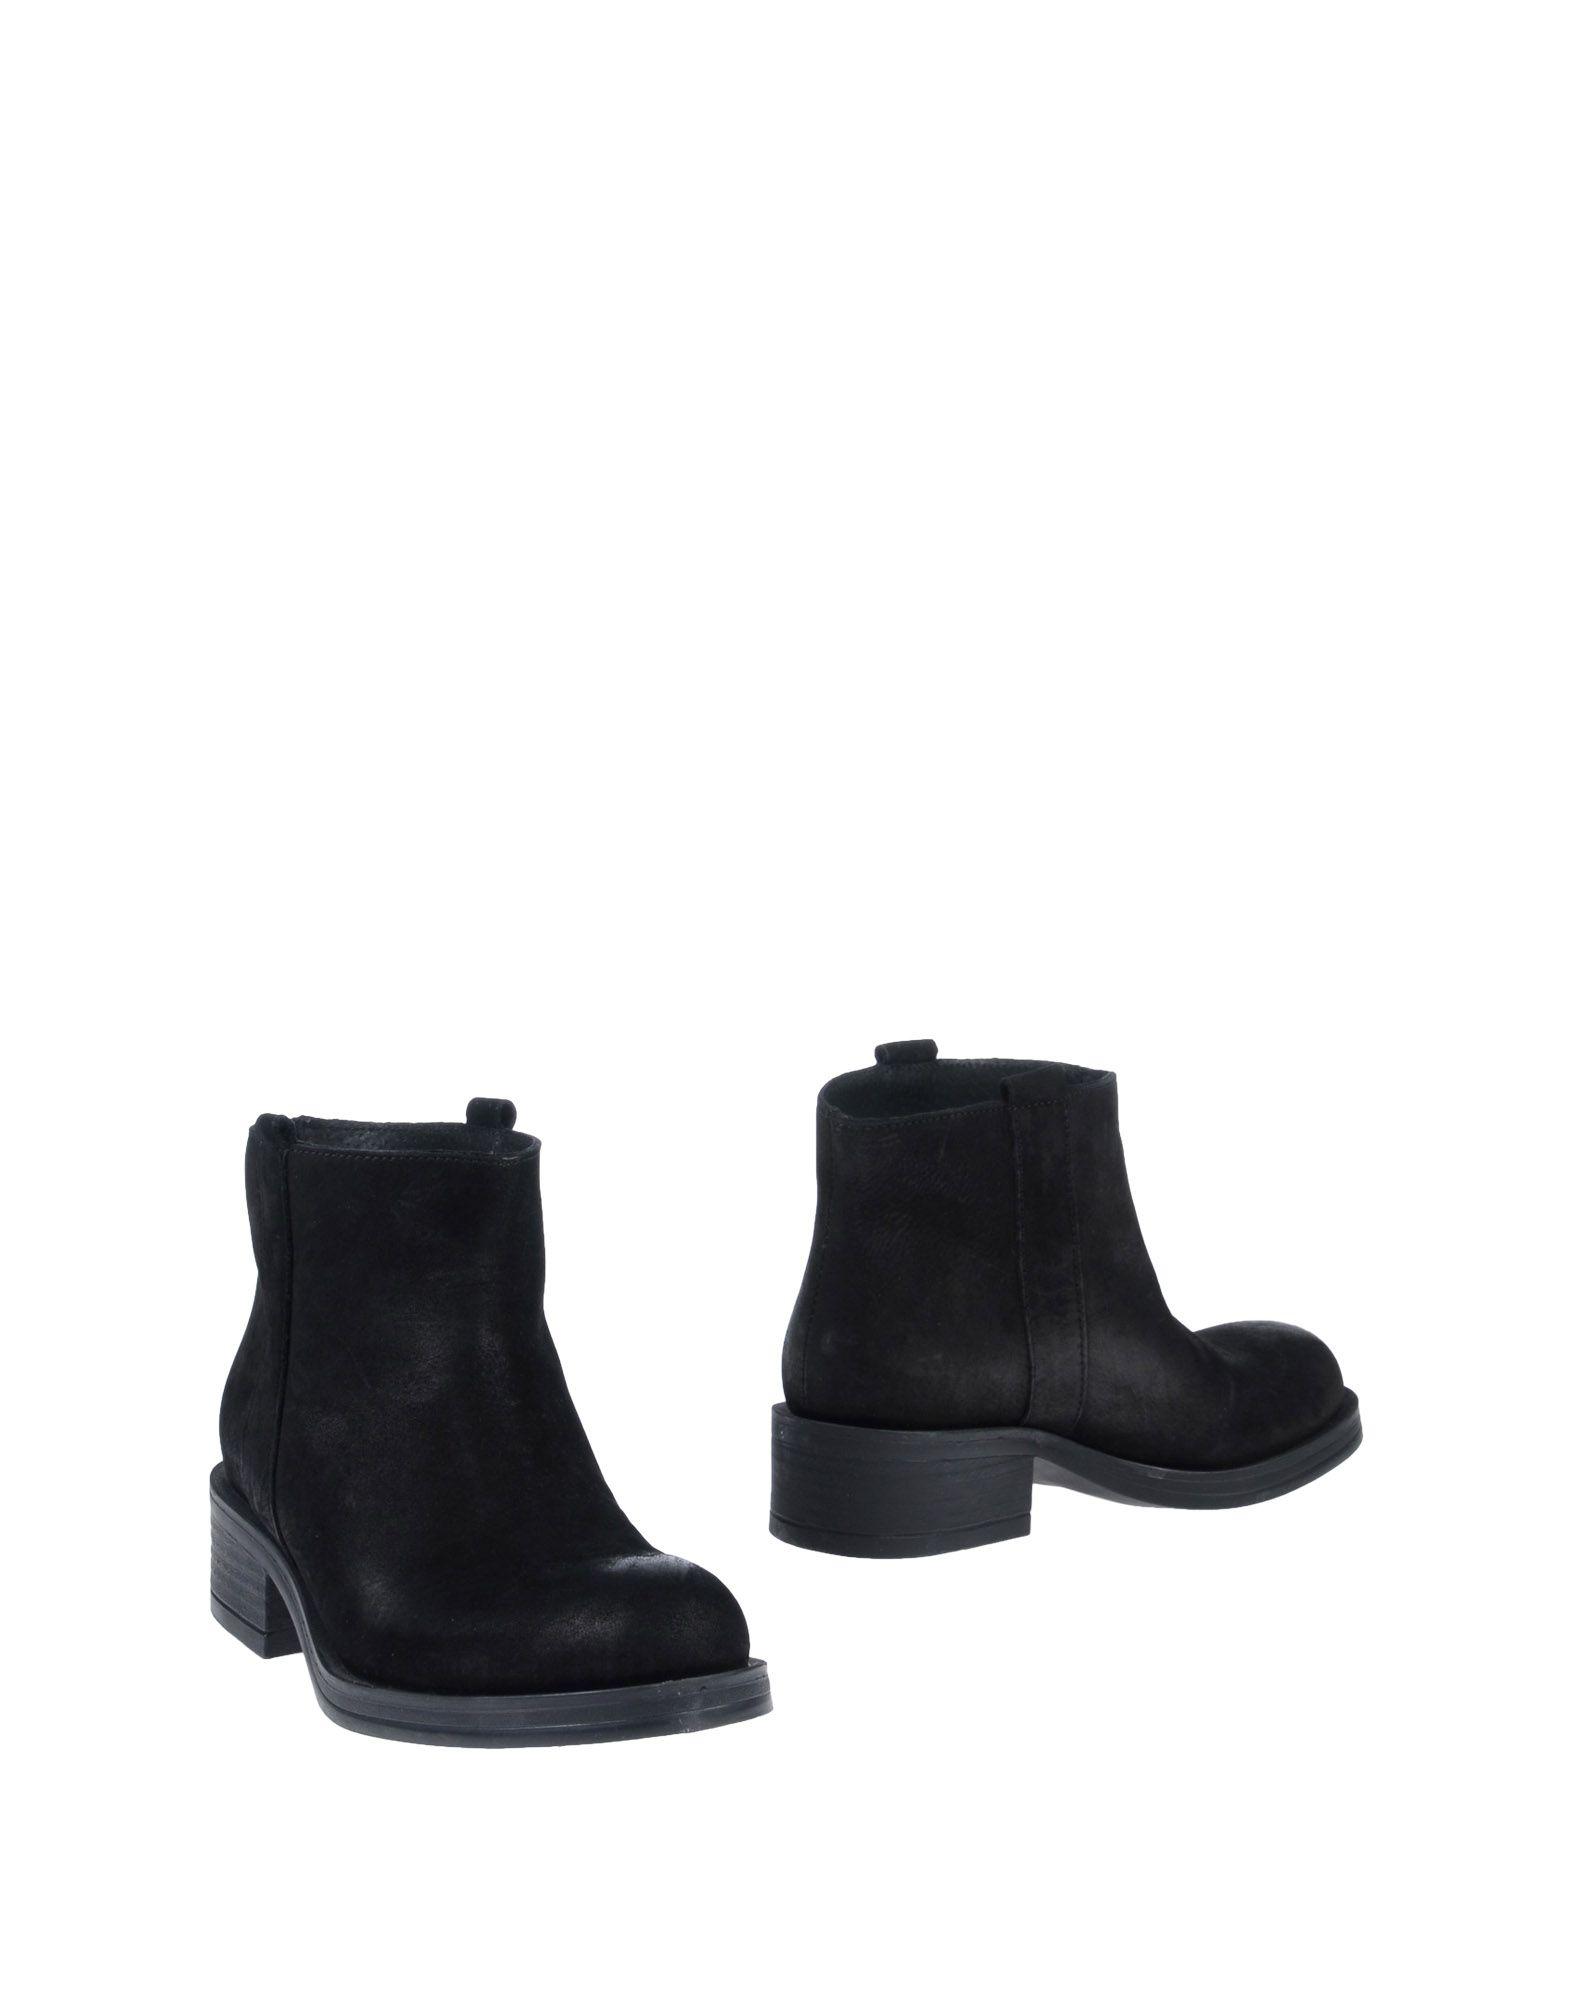 Roberto Della Croce Stiefelette Damen  11412017CW Gute Qualität beliebte Schuhe